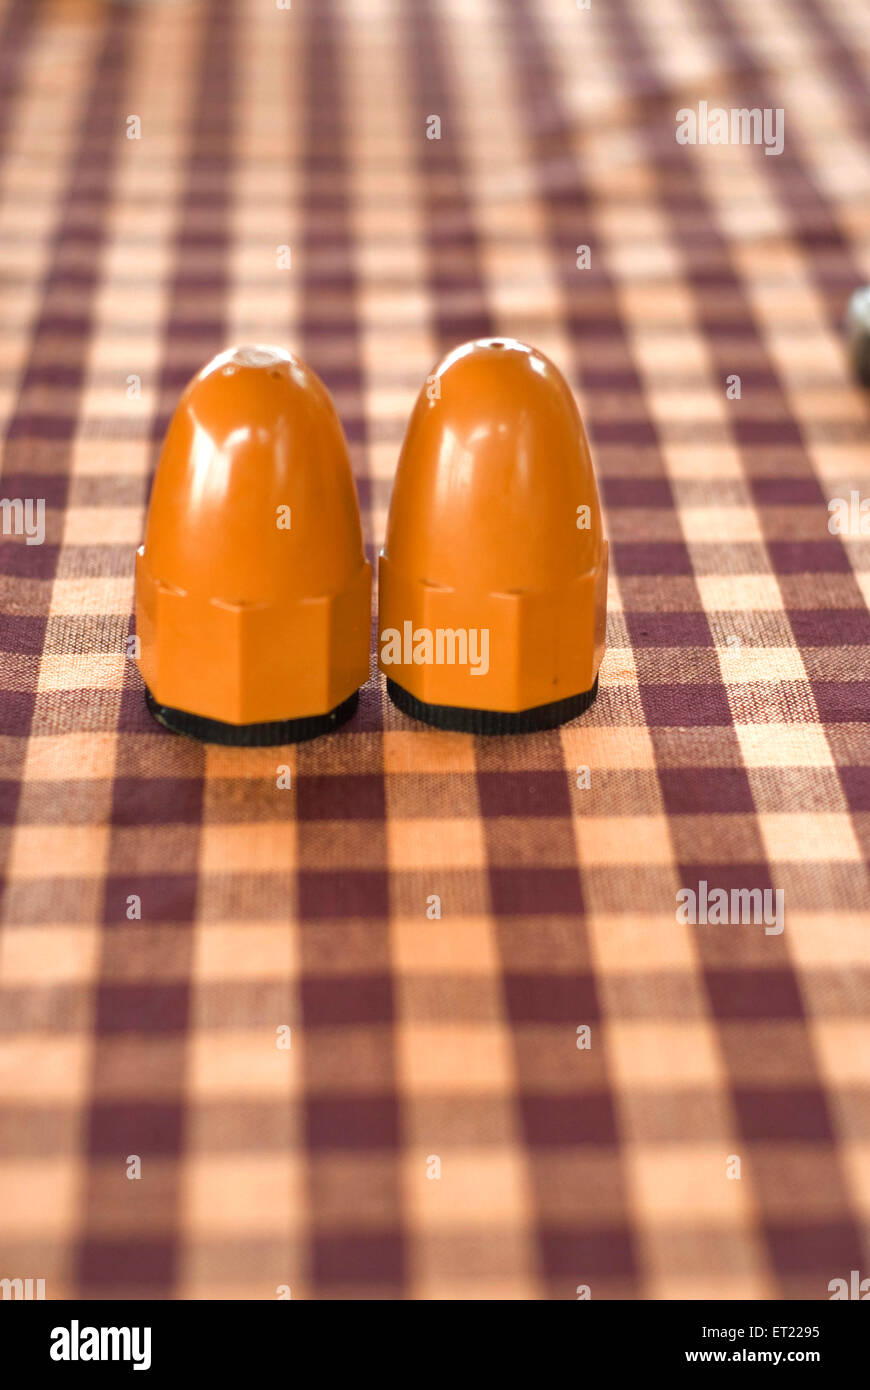 Sal y pimienta marrón dispensadores en chequeo mantel ; Goa ; India Imagen De Stock